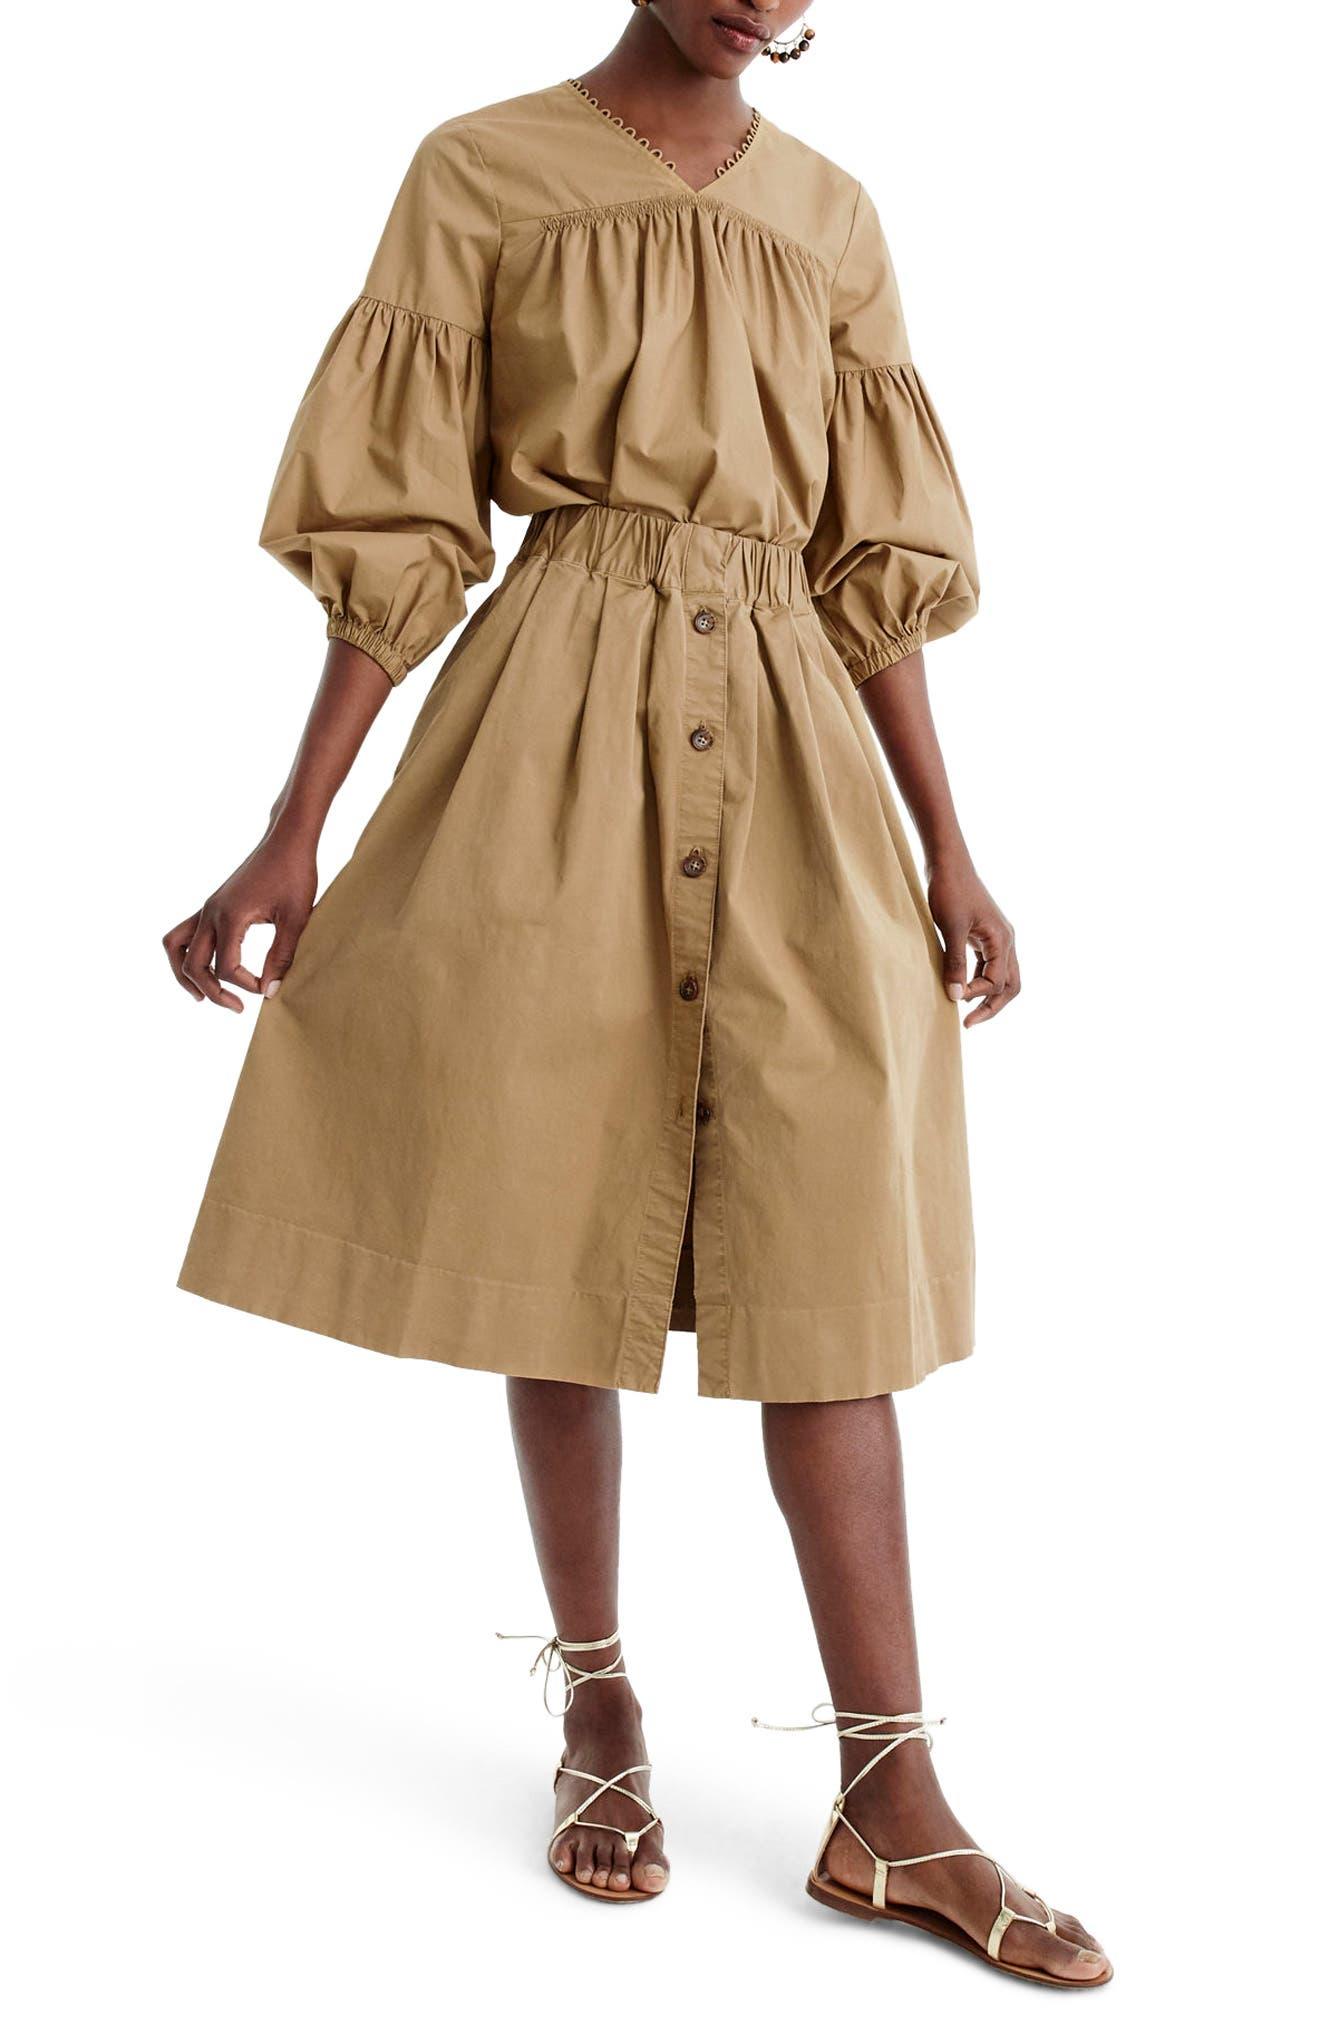 Main Image - J.Crew Button Front Chino Skirt (Regular & Petite)